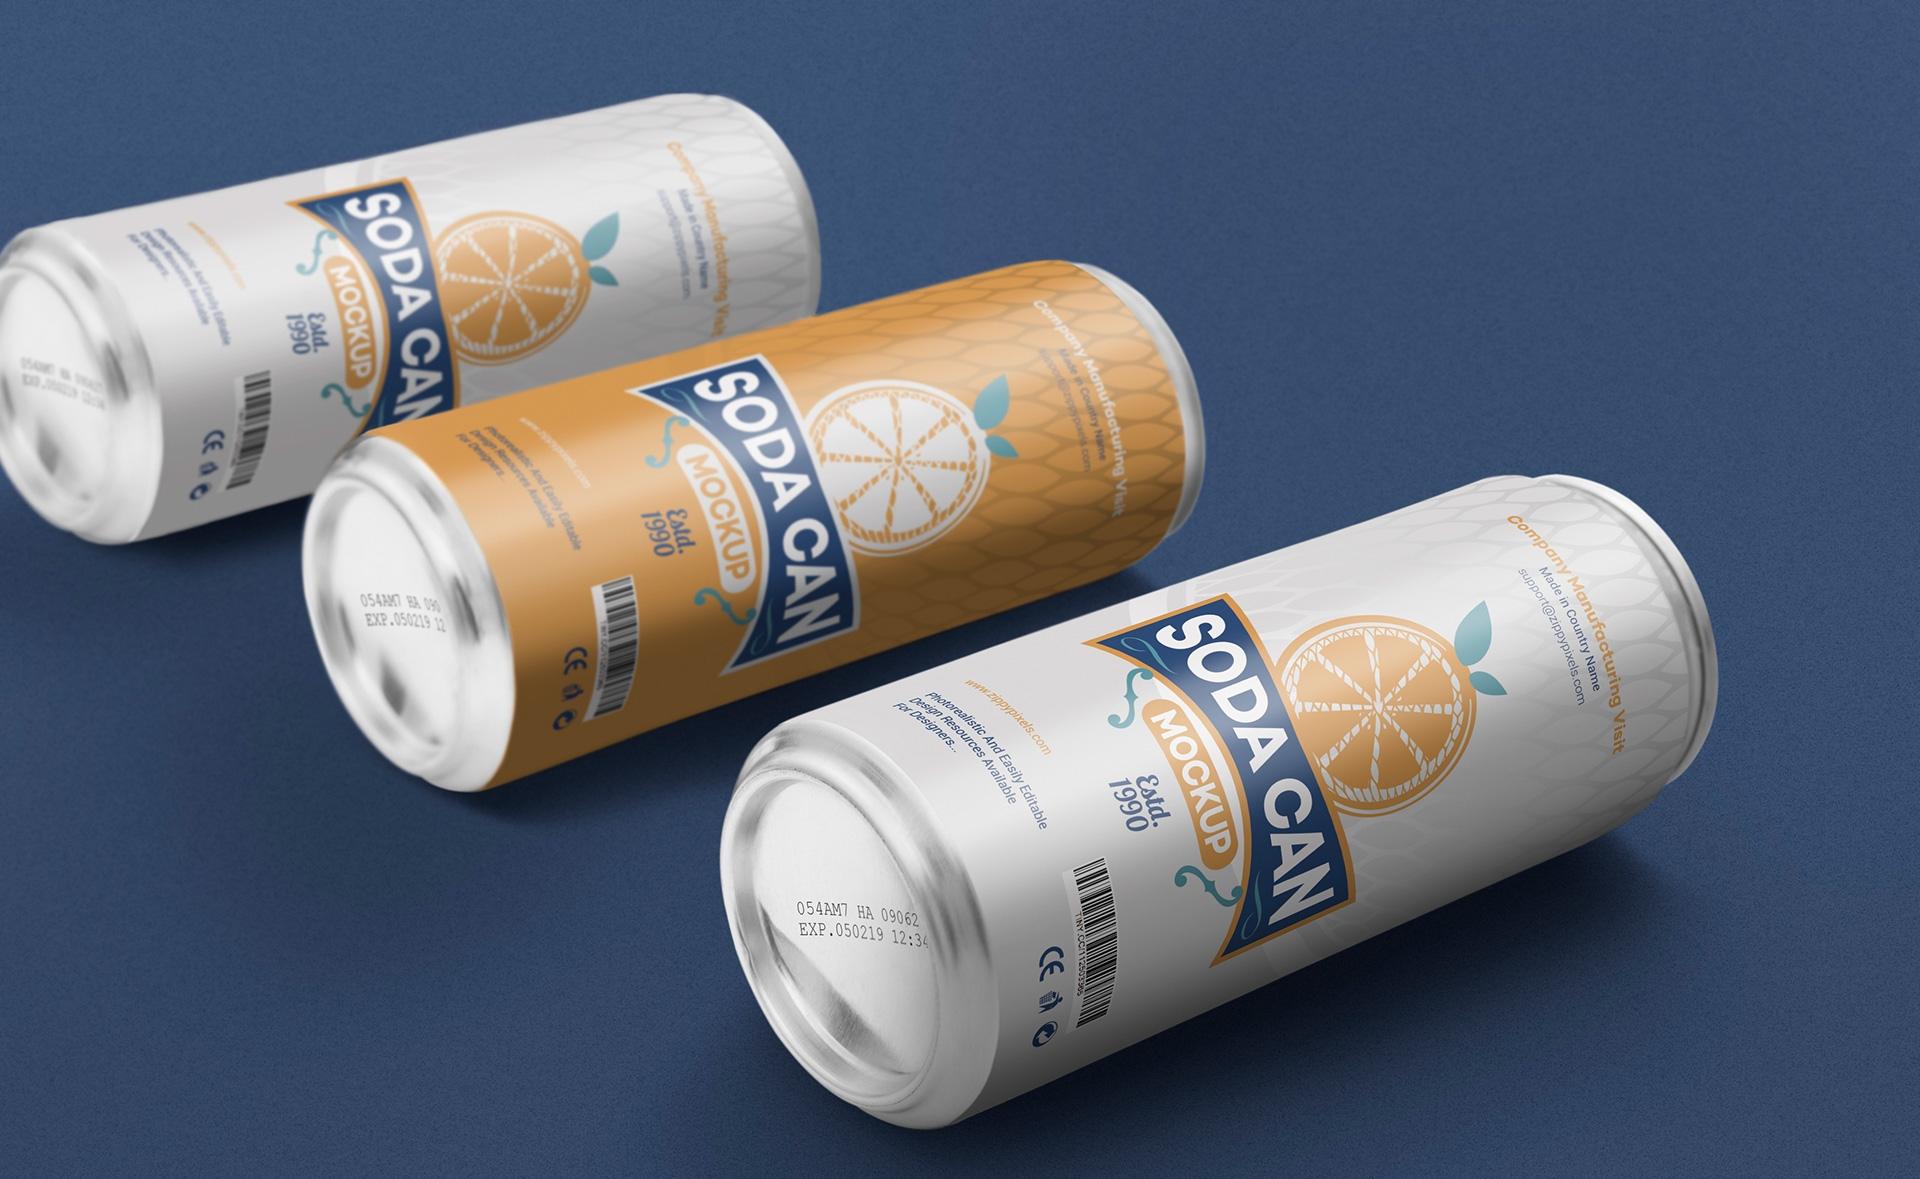 精致优雅饮料瓶酒包装样机359-soda-can-large-mockup-free